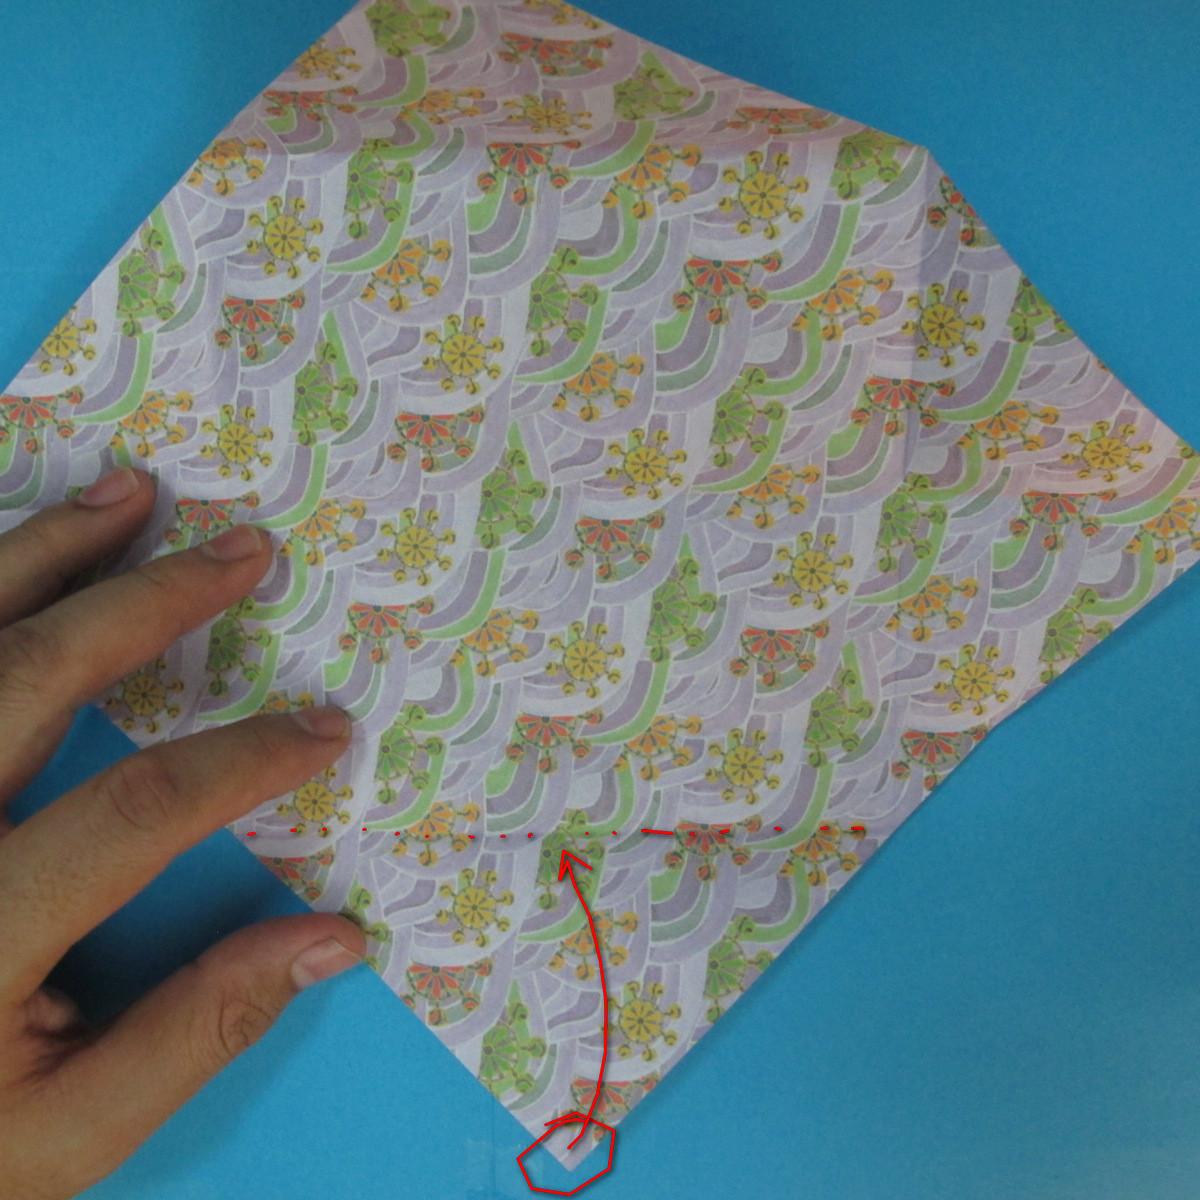 สอนวิธีพับกระดาษเป็นช้าง (แบบของ Fumiaki Kawahata) 011